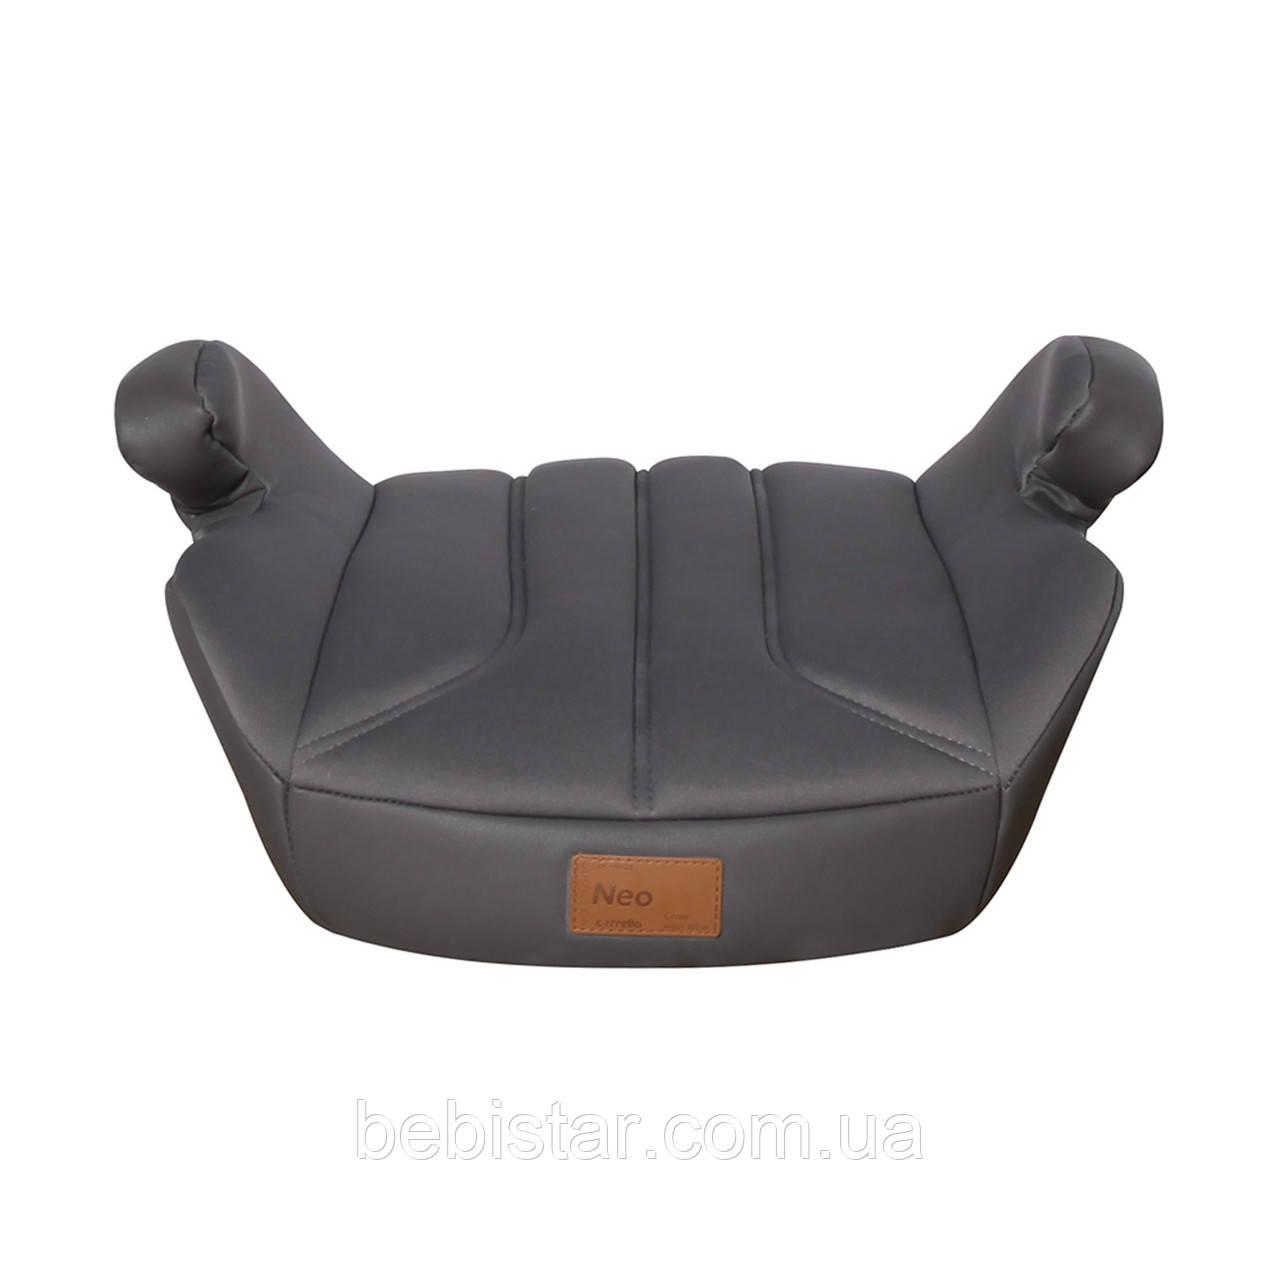 Автокресло бустер серое Carrello Neo для детей от 4 до 12 лет и весом от от 15 до 36 кг